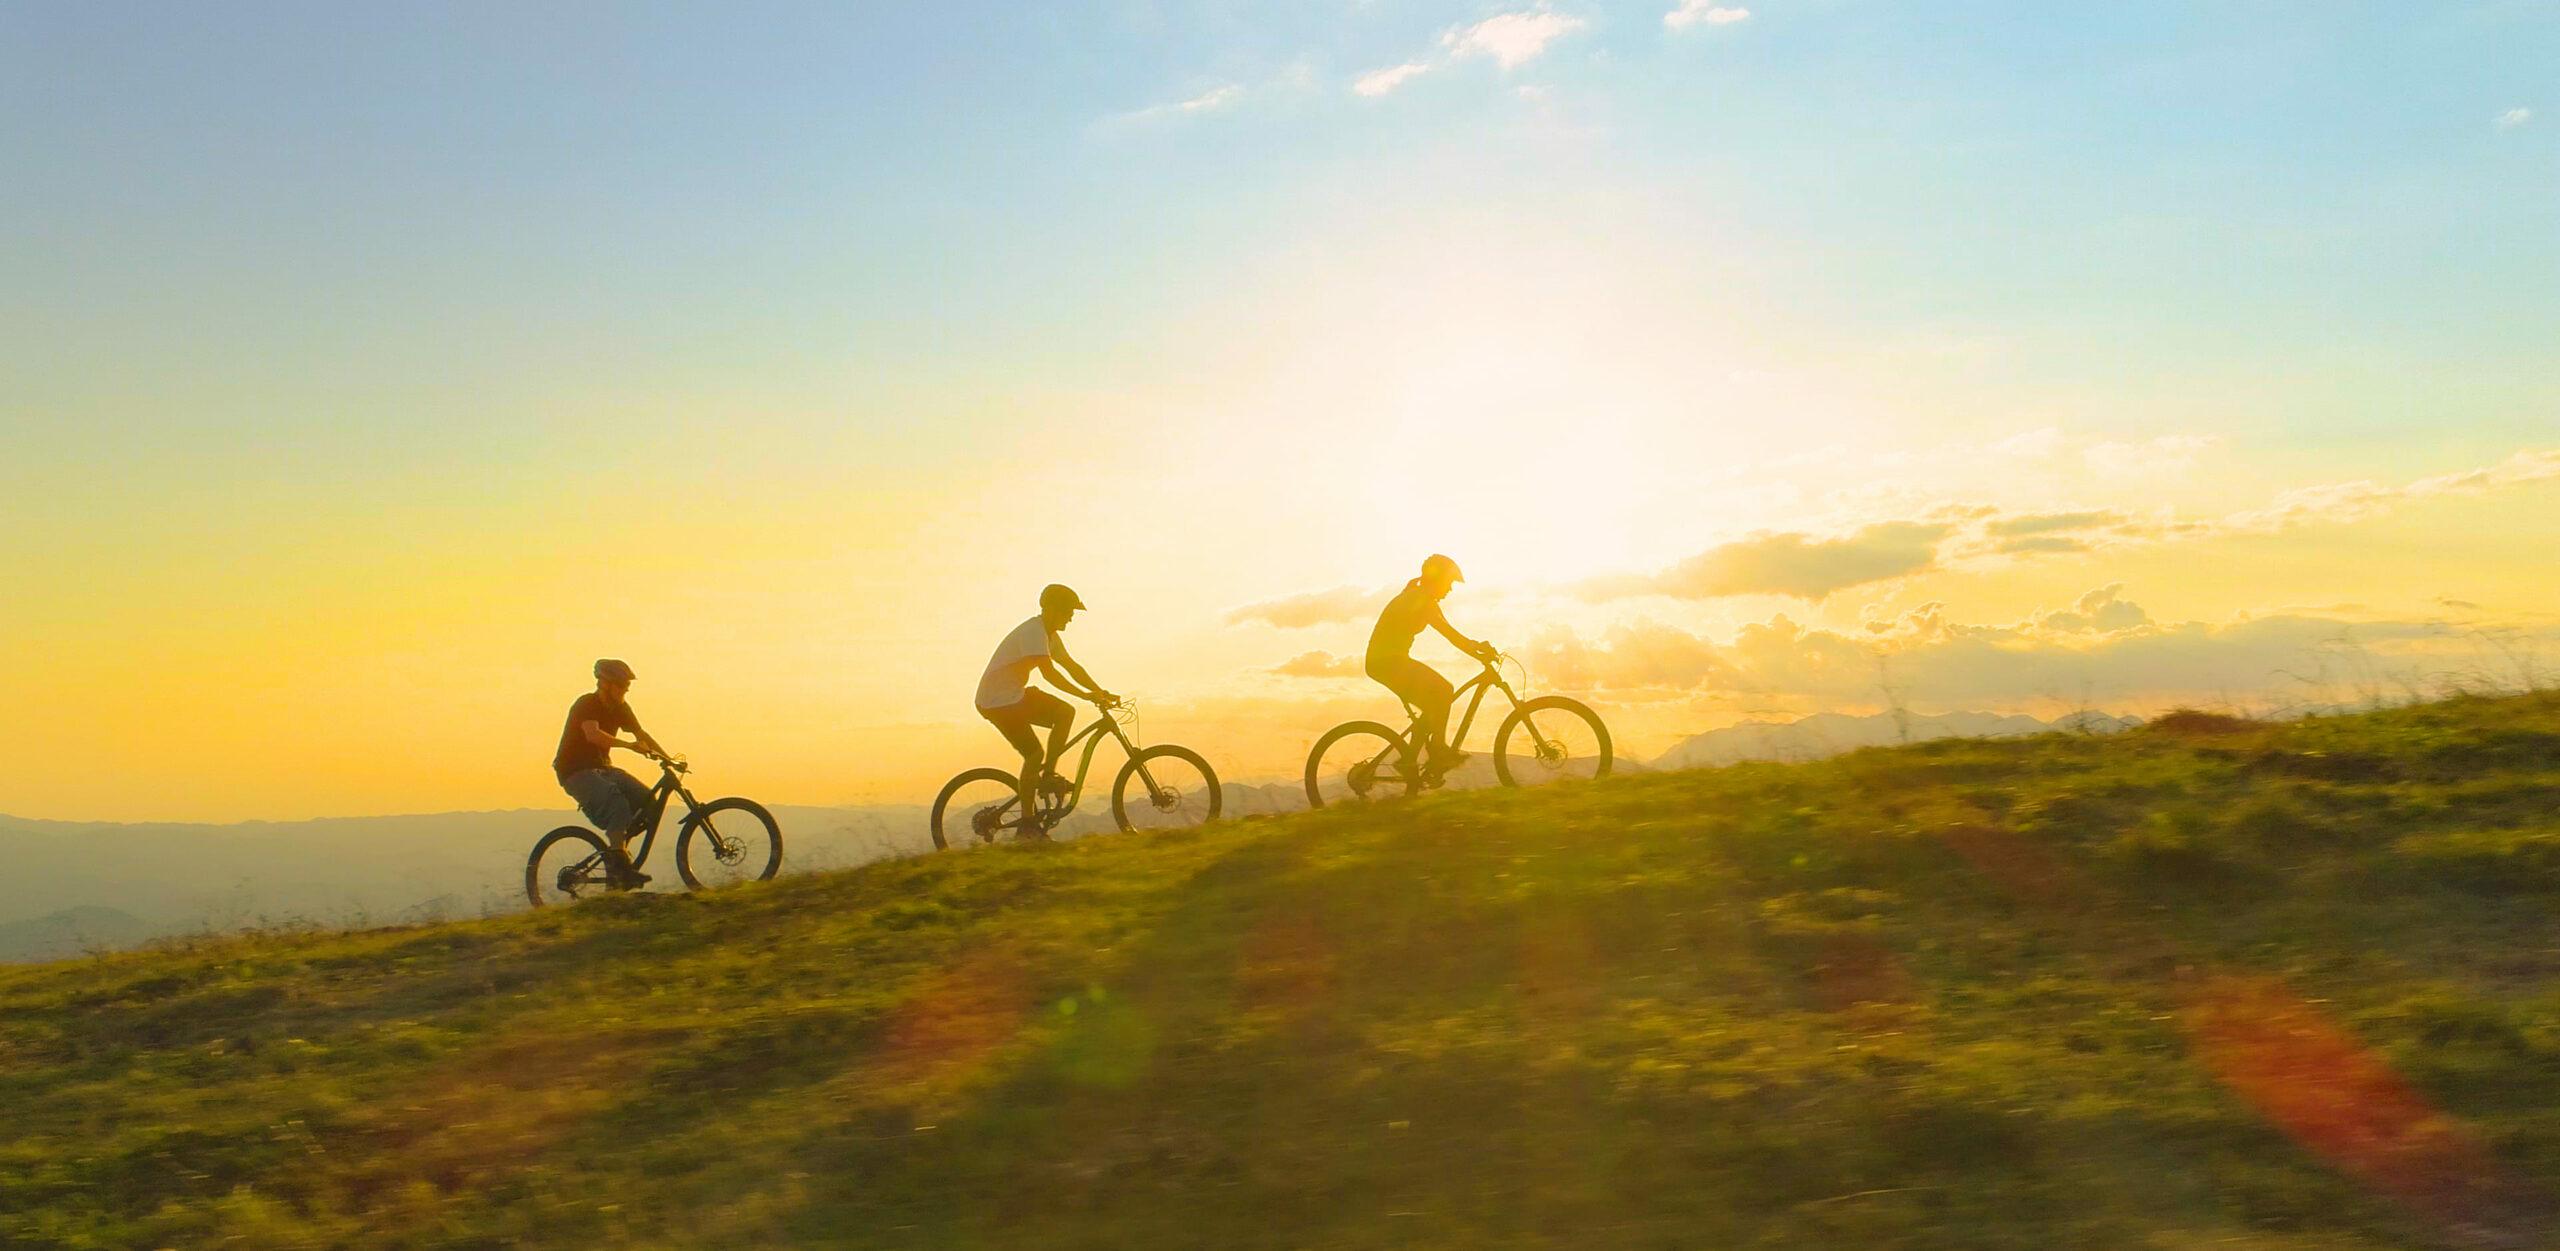 Эксперты Российского экологического общества направили Губернатору Ставрополья предложения по проекту велотерренкура